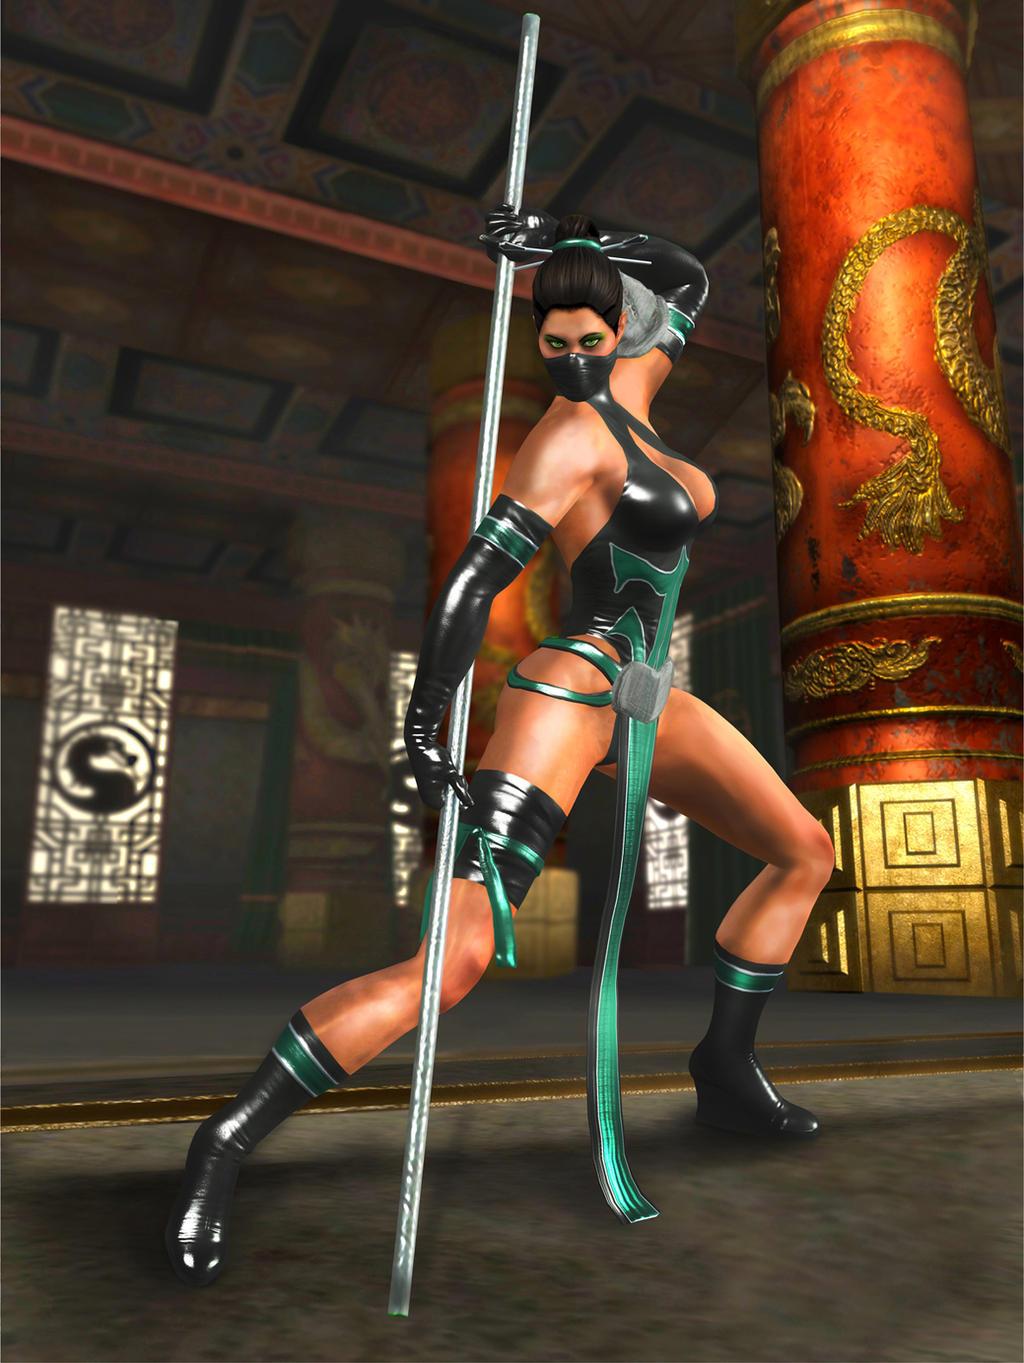 Mortal kombat 9 erotic naked sex scene